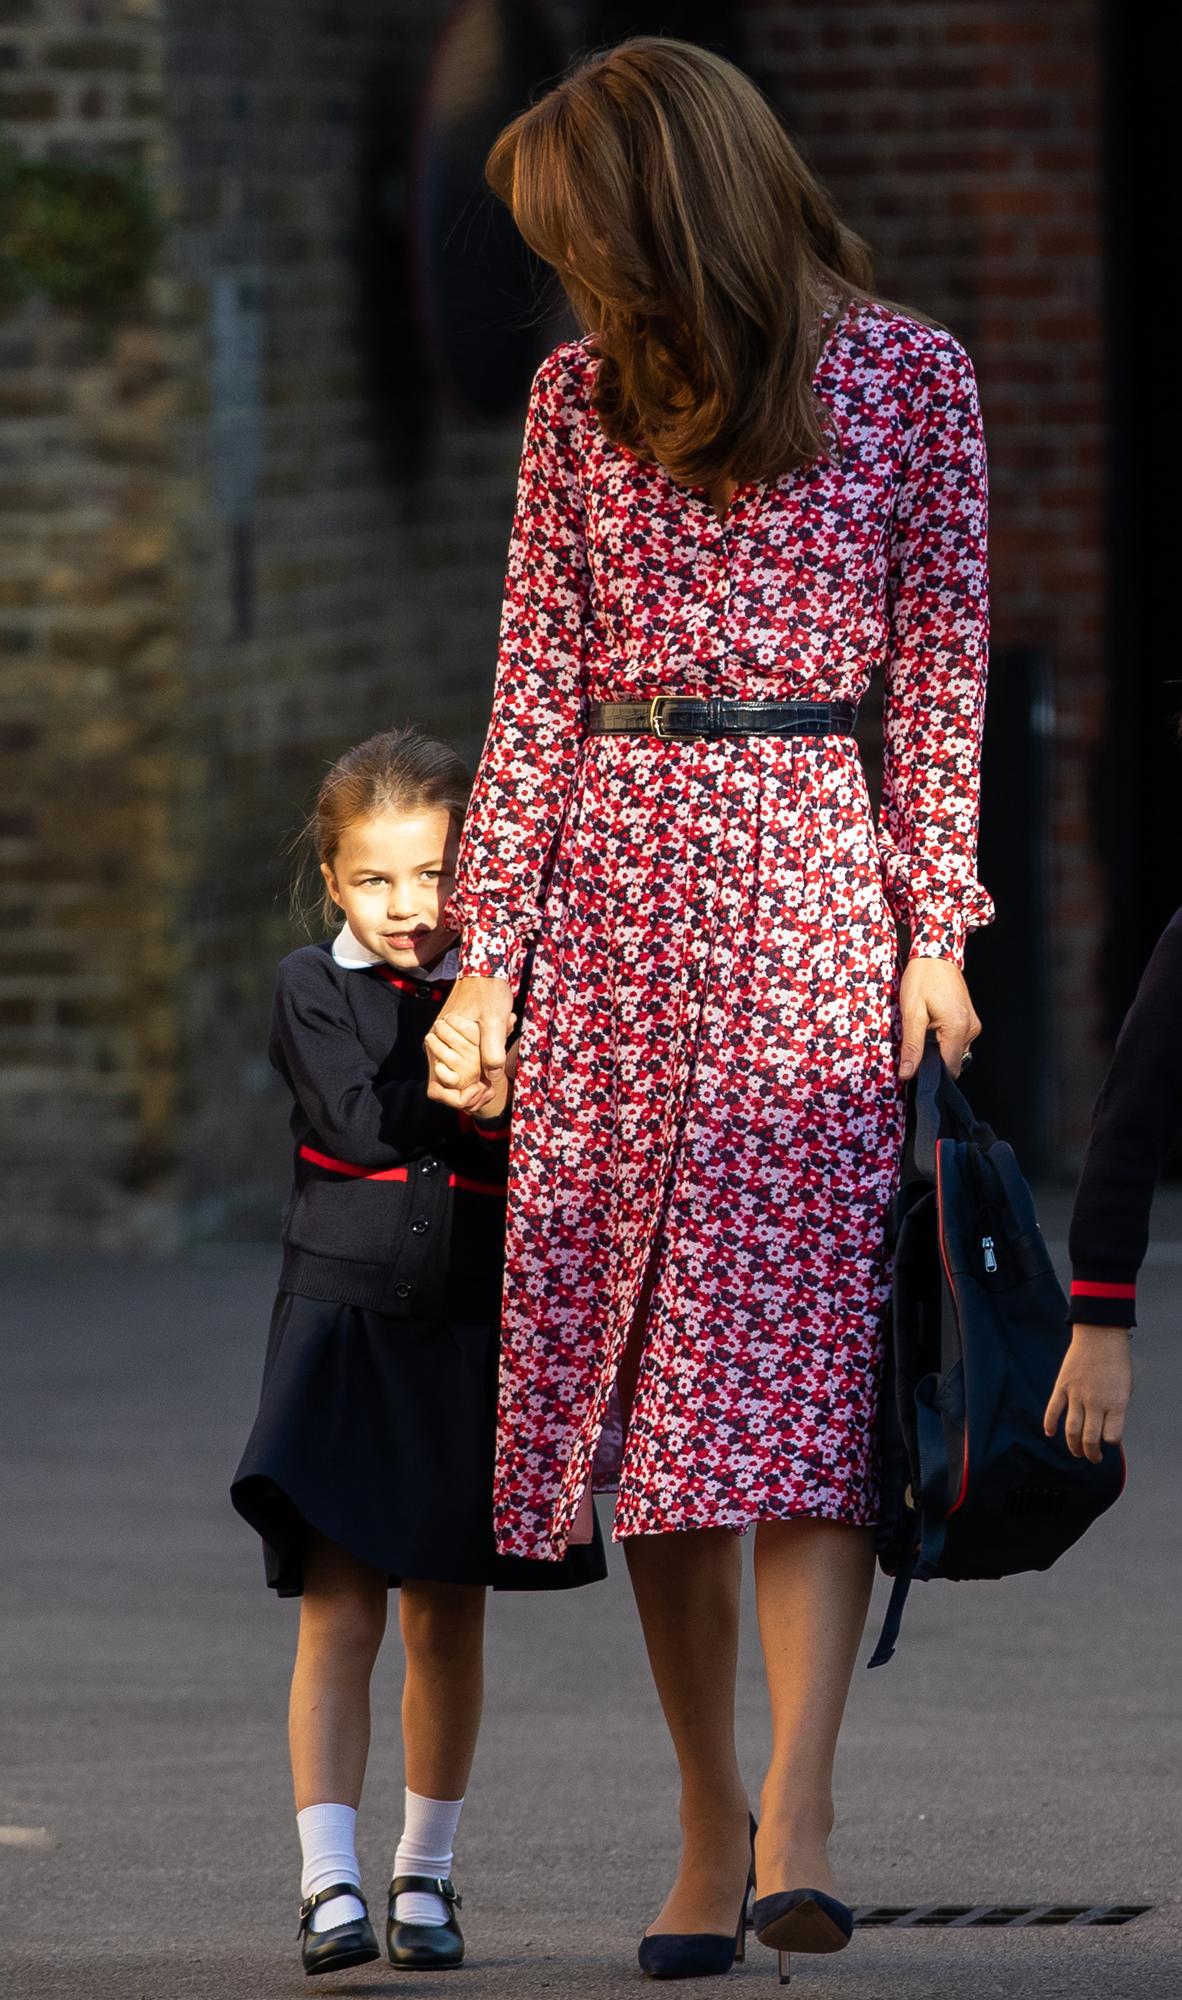 كايت ميدلتون توصل ابنتها للمدرسة وترتدي فستان ناعم معرق بالورود